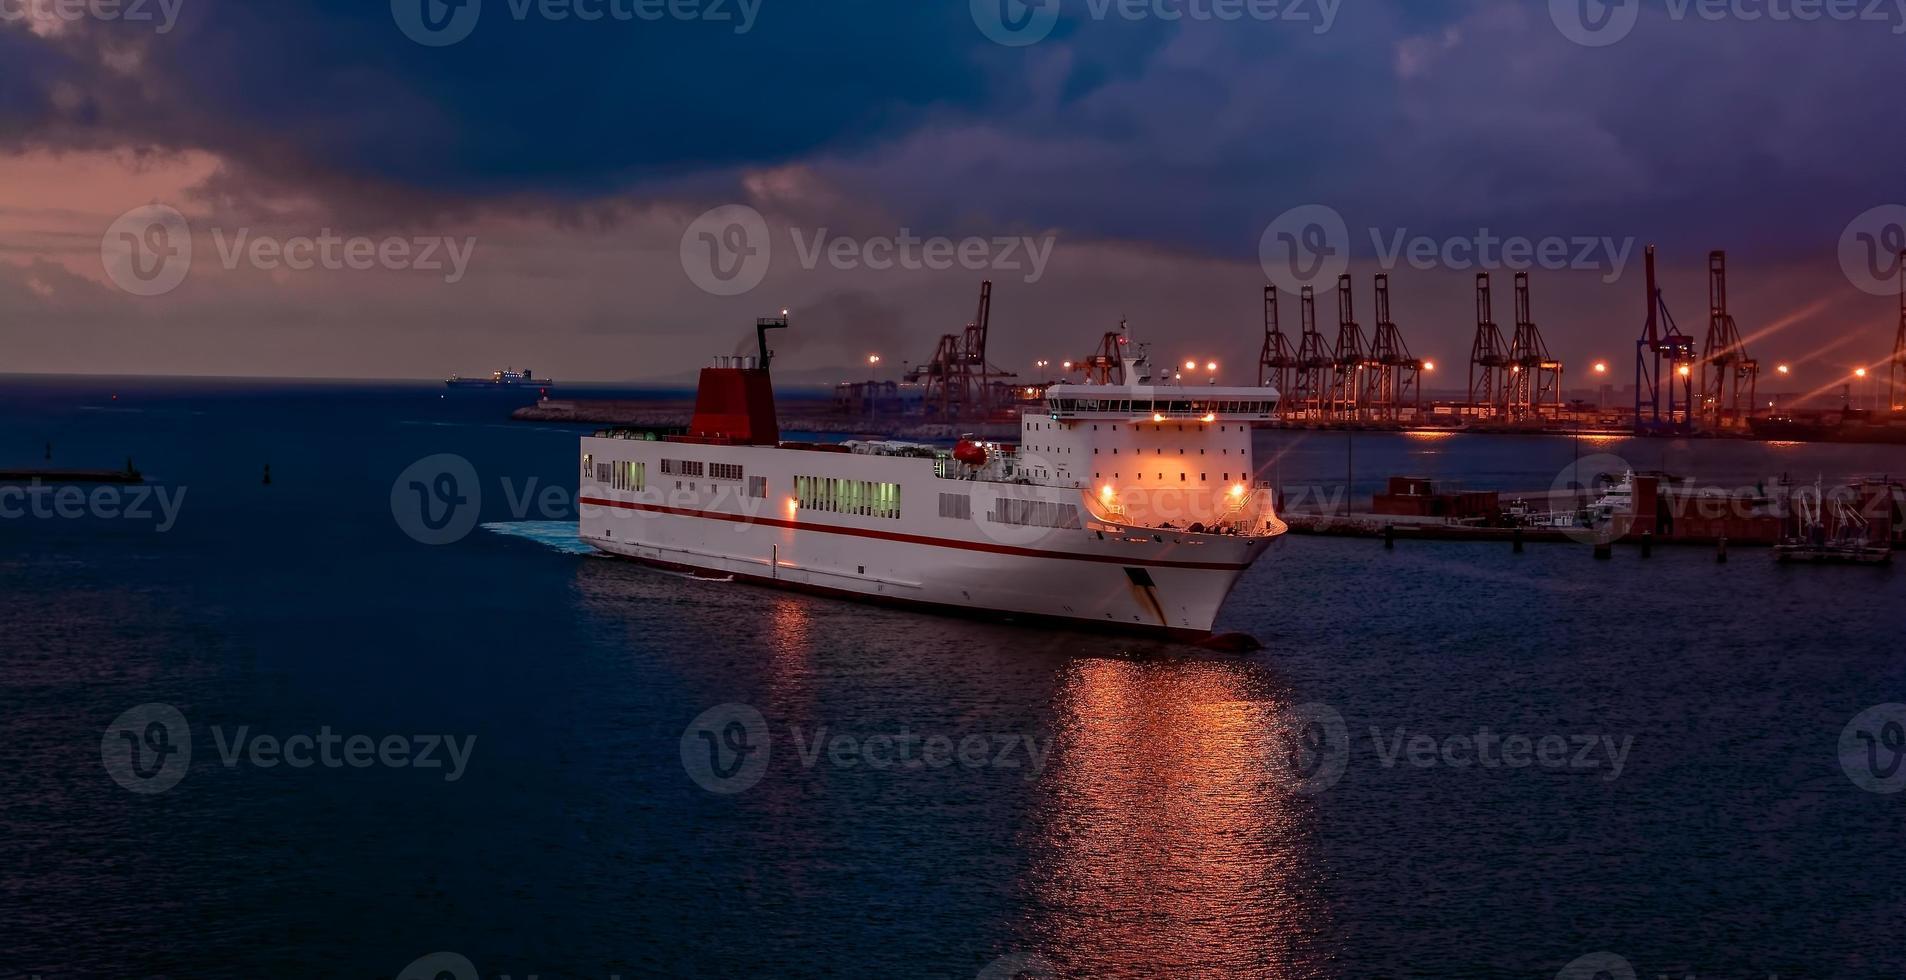 Ankunft der Fähre im Hafen foto